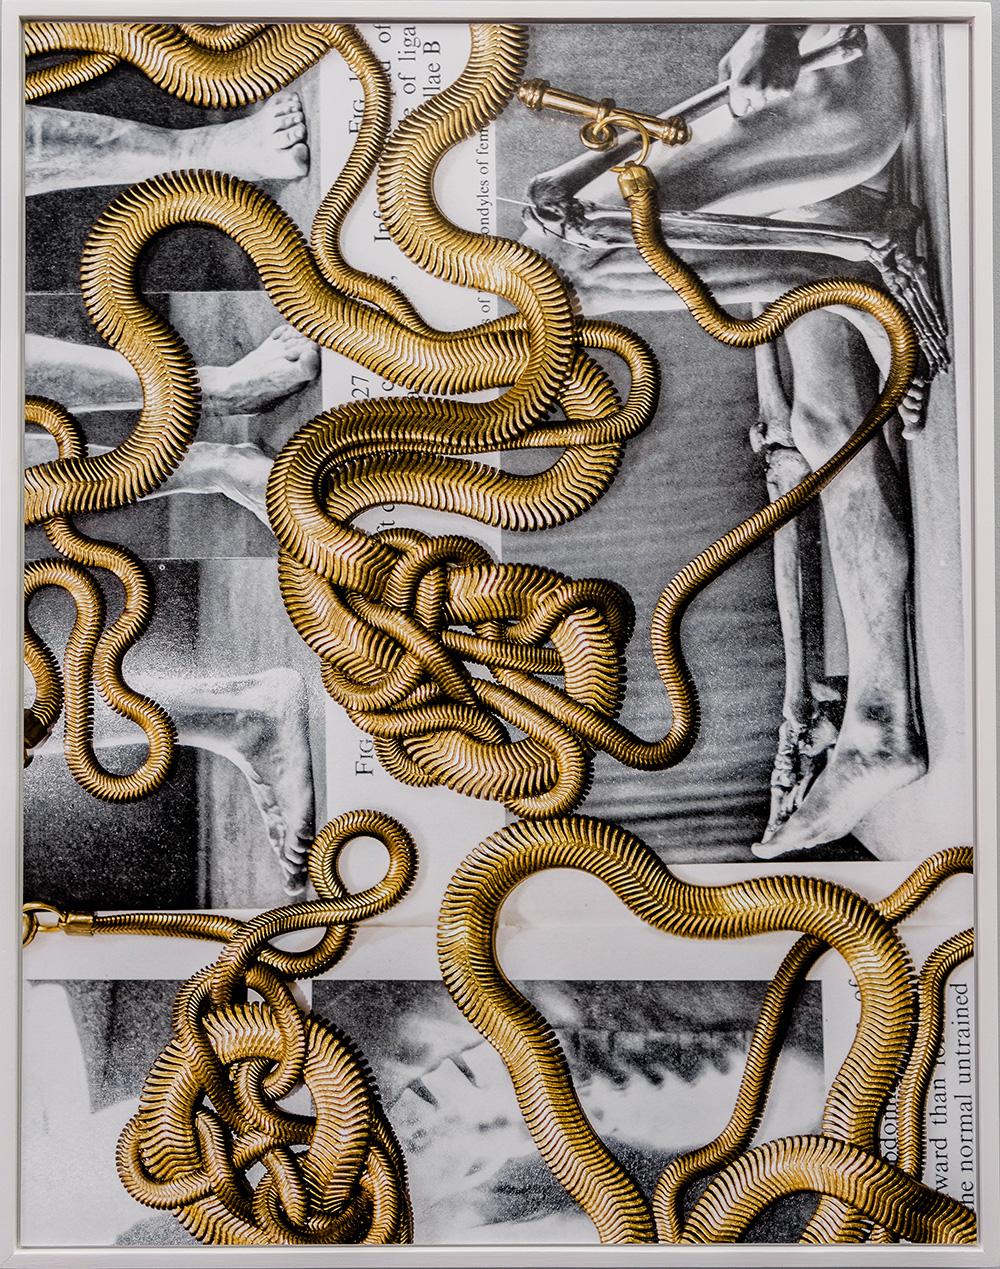 Lucia Sotnikova, Epimorpha , Art print, 90x70cm, 4+2AP, 2019